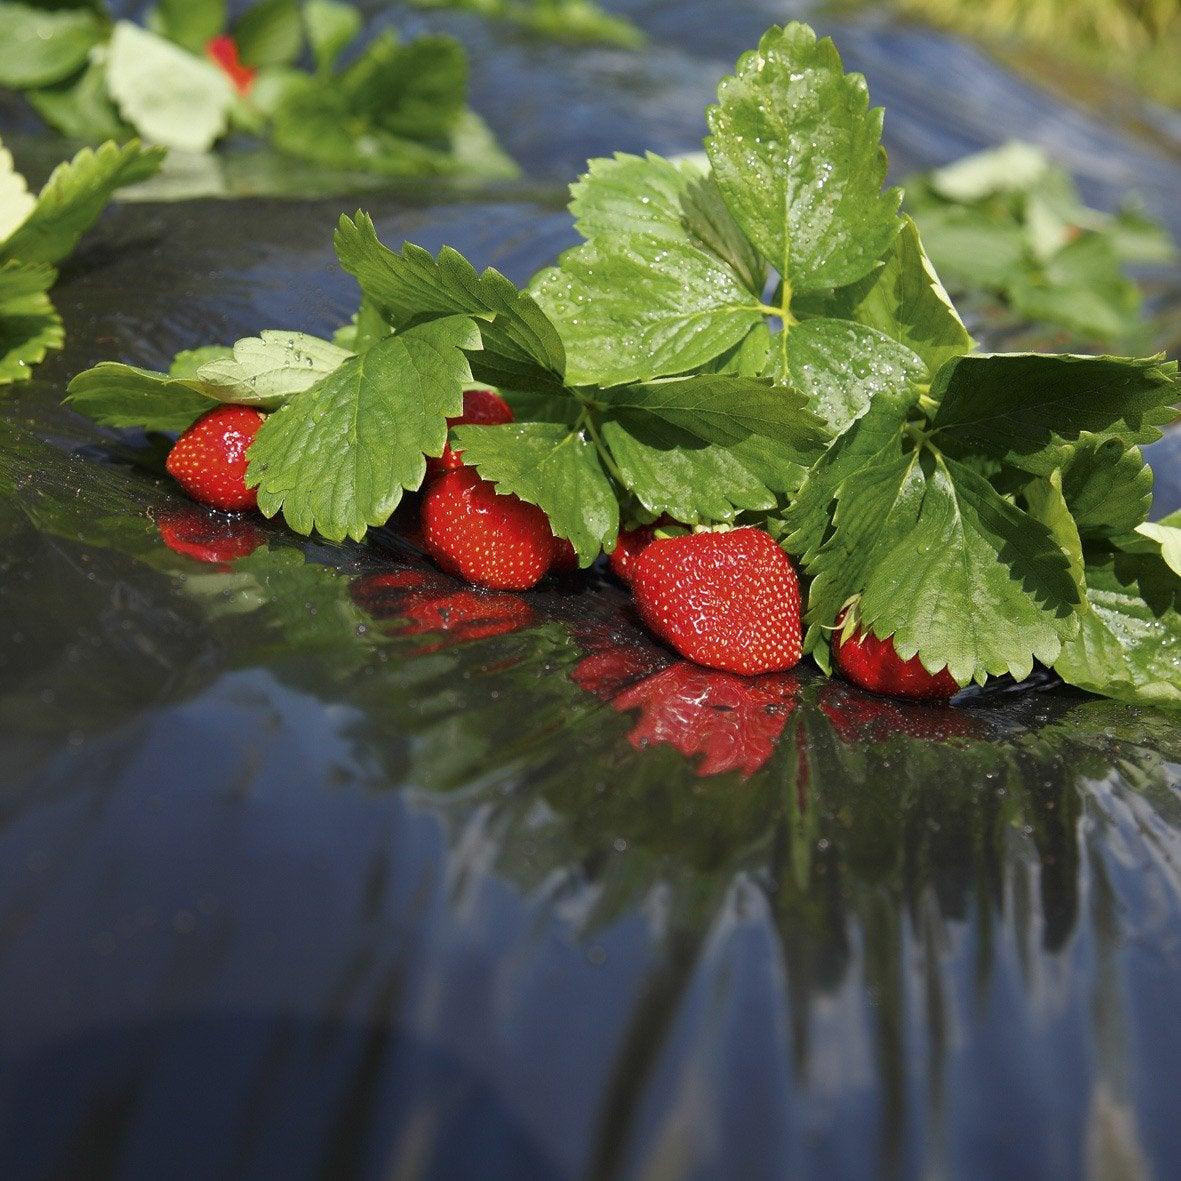 film de paillage pour fraises geolia 40 g m 1 4 x 10 m. Black Bedroom Furniture Sets. Home Design Ideas